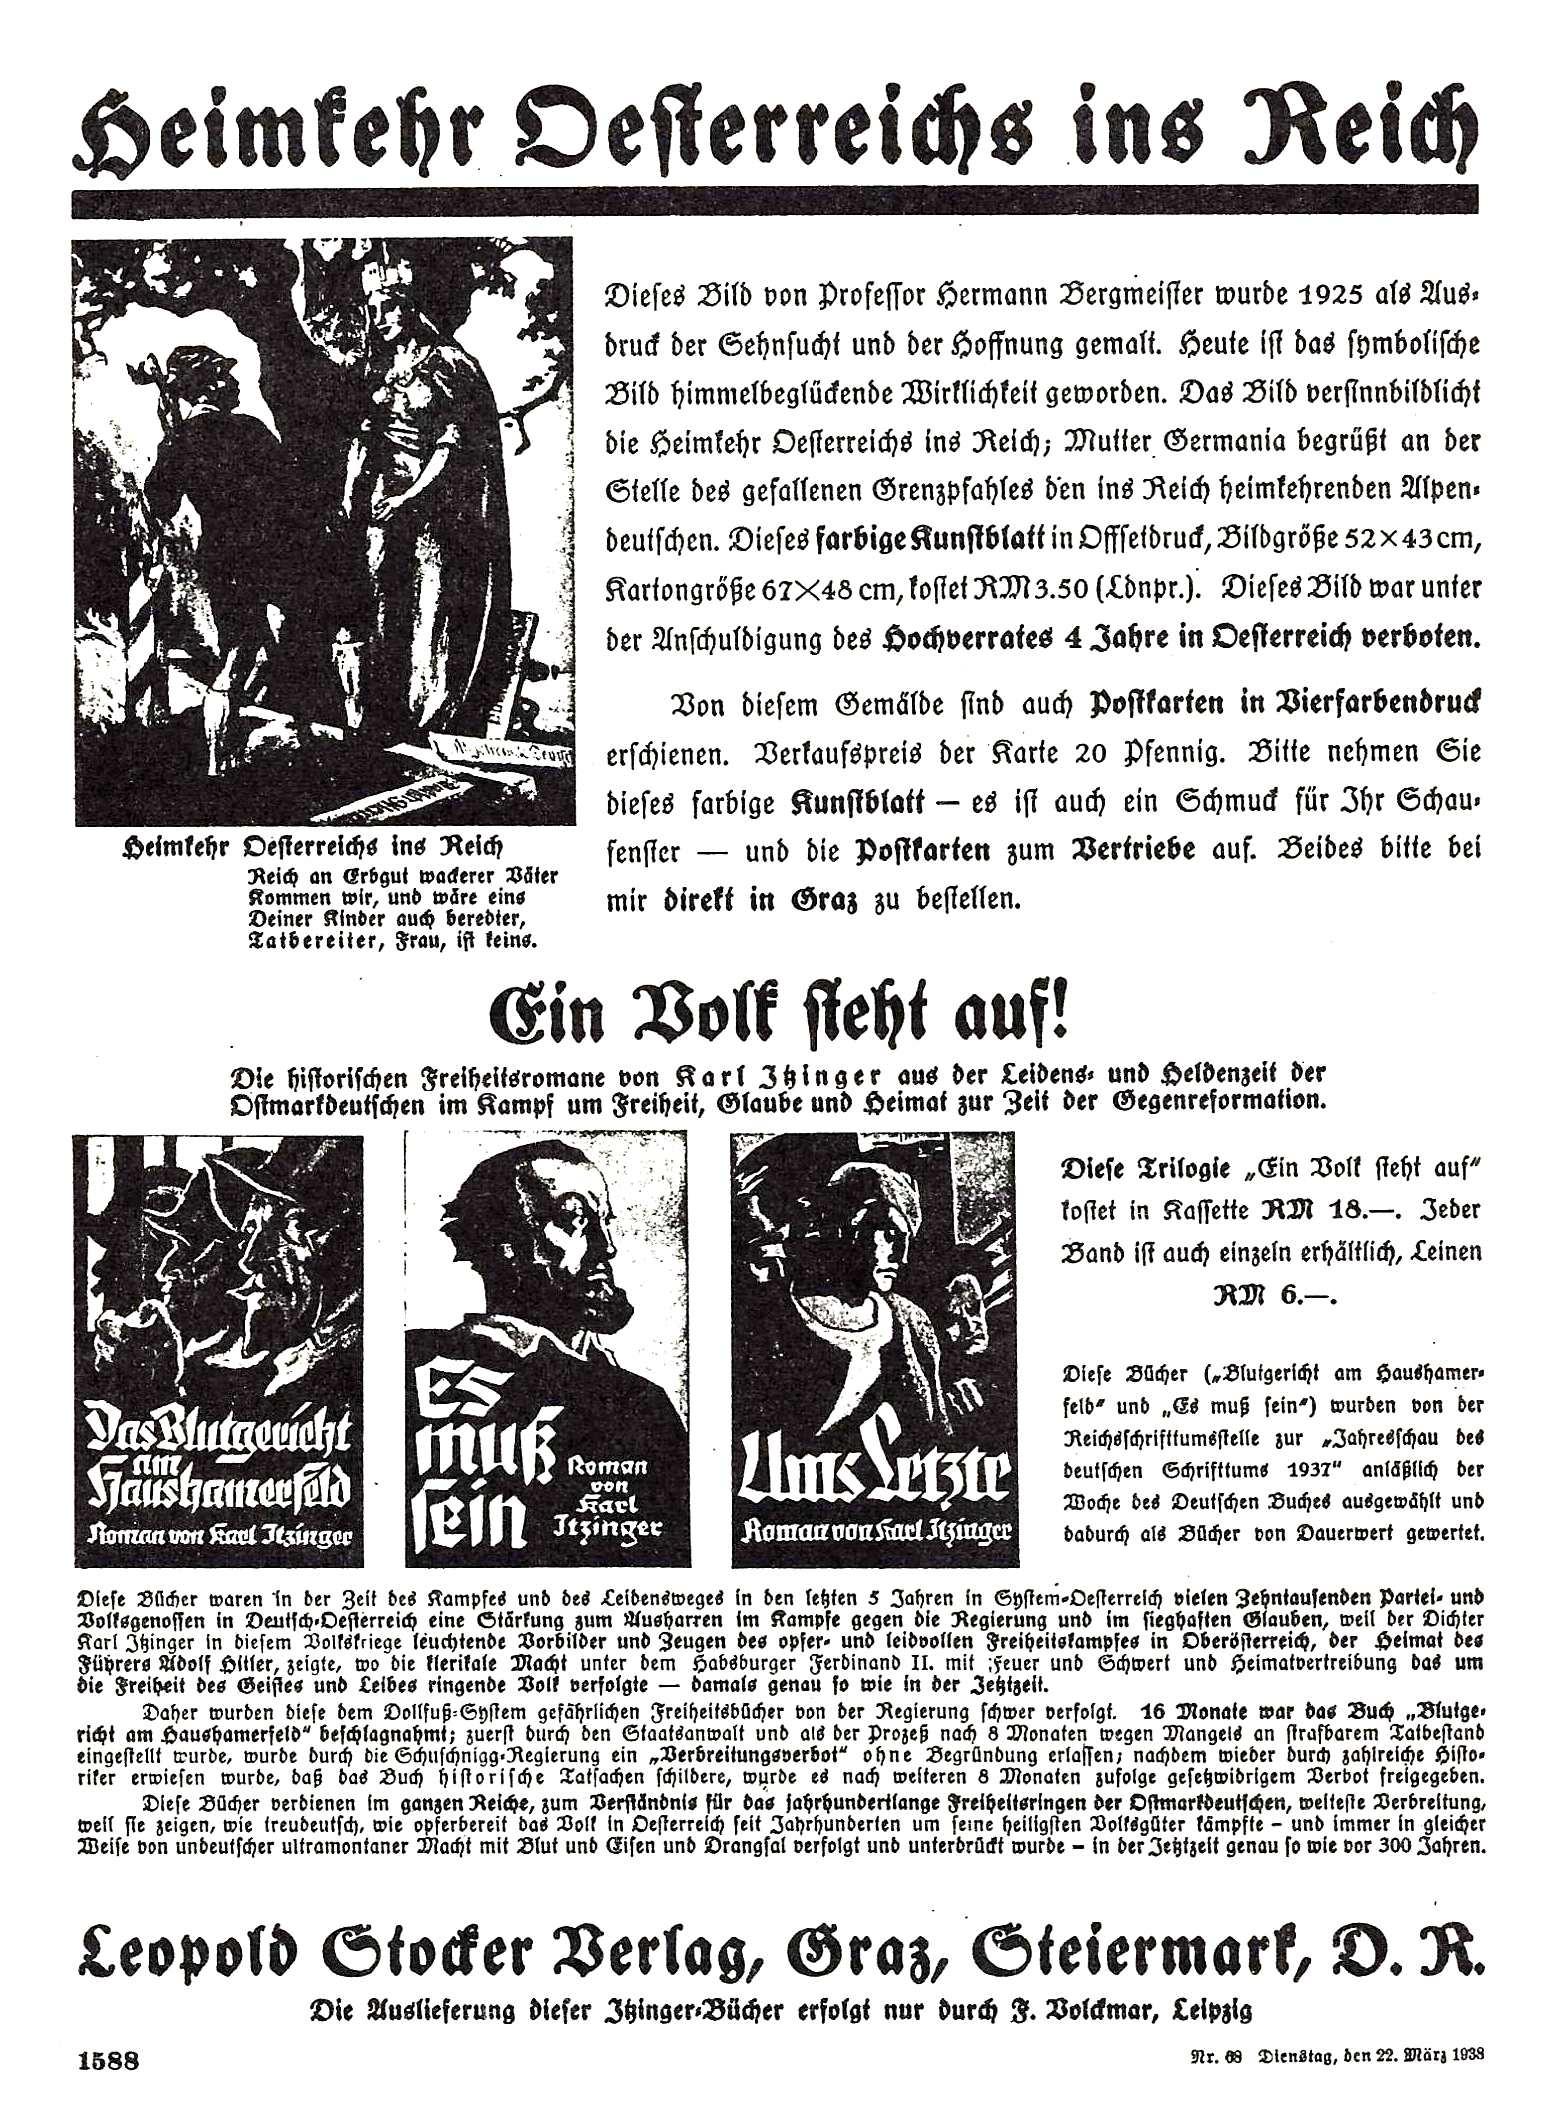 großdeutsche lösung vorteile